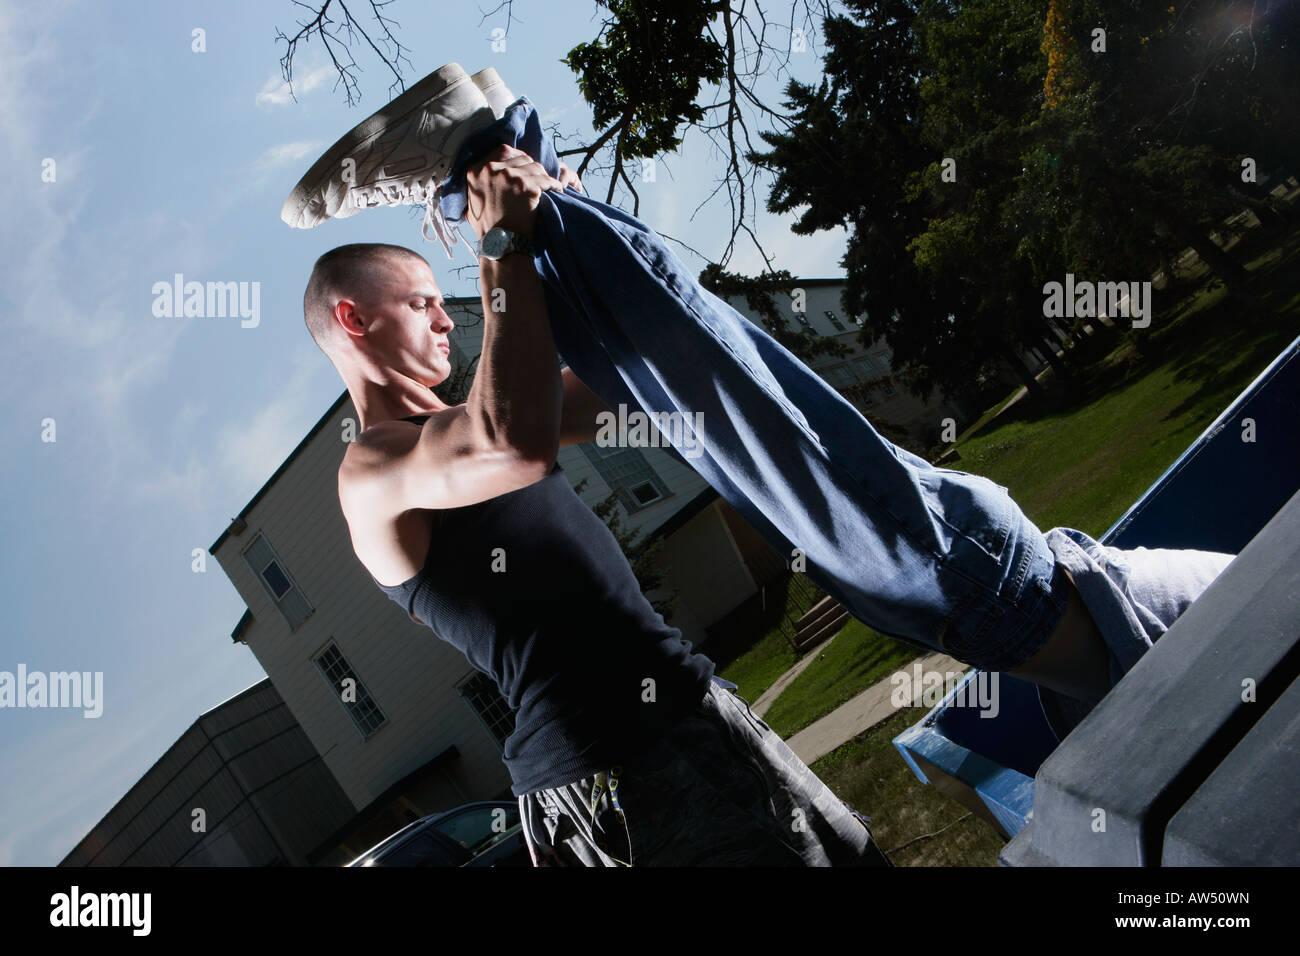 Hombre sujetando una persona por las piernas Imagen De Stock